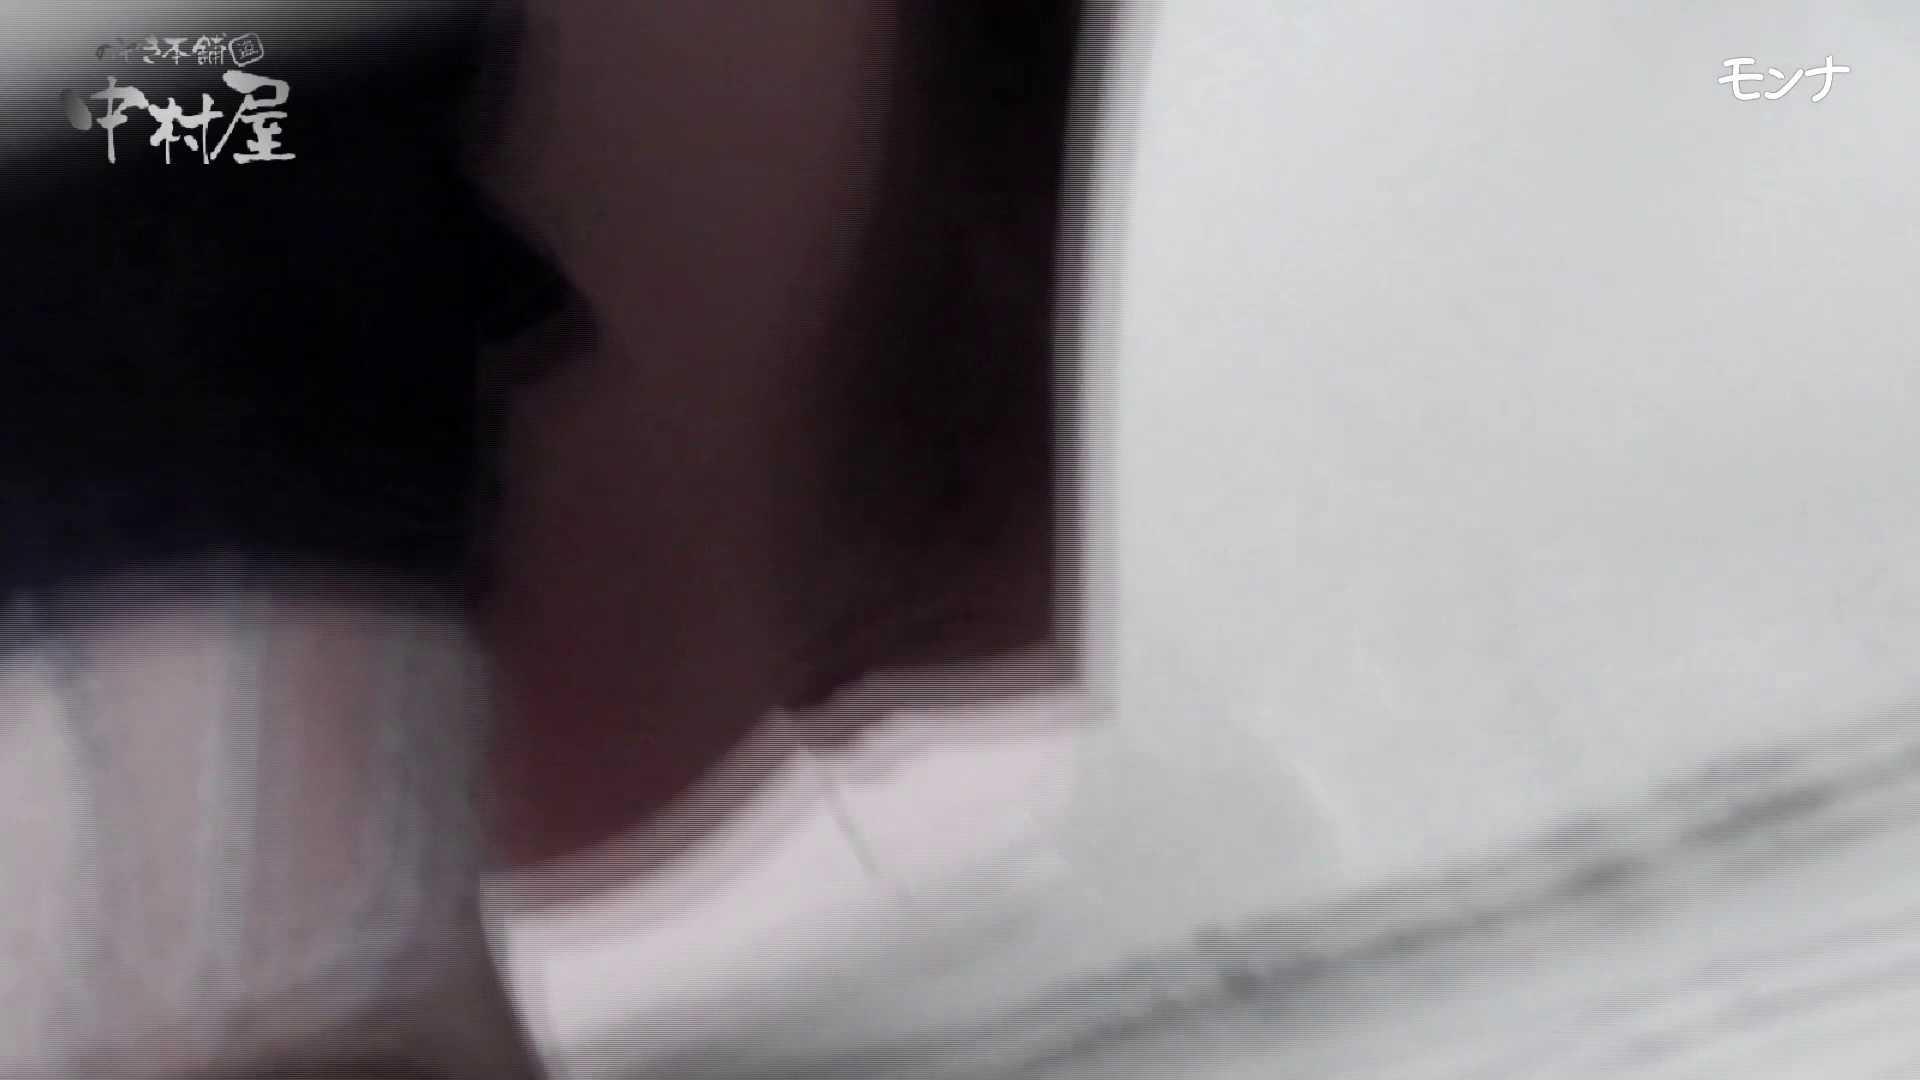 美しい日本の未来 No.47 冬Ver.進化 細い指でほじくりまくる!前編 エッチな盗撮 オマンコ動画キャプチャ 79pic 55